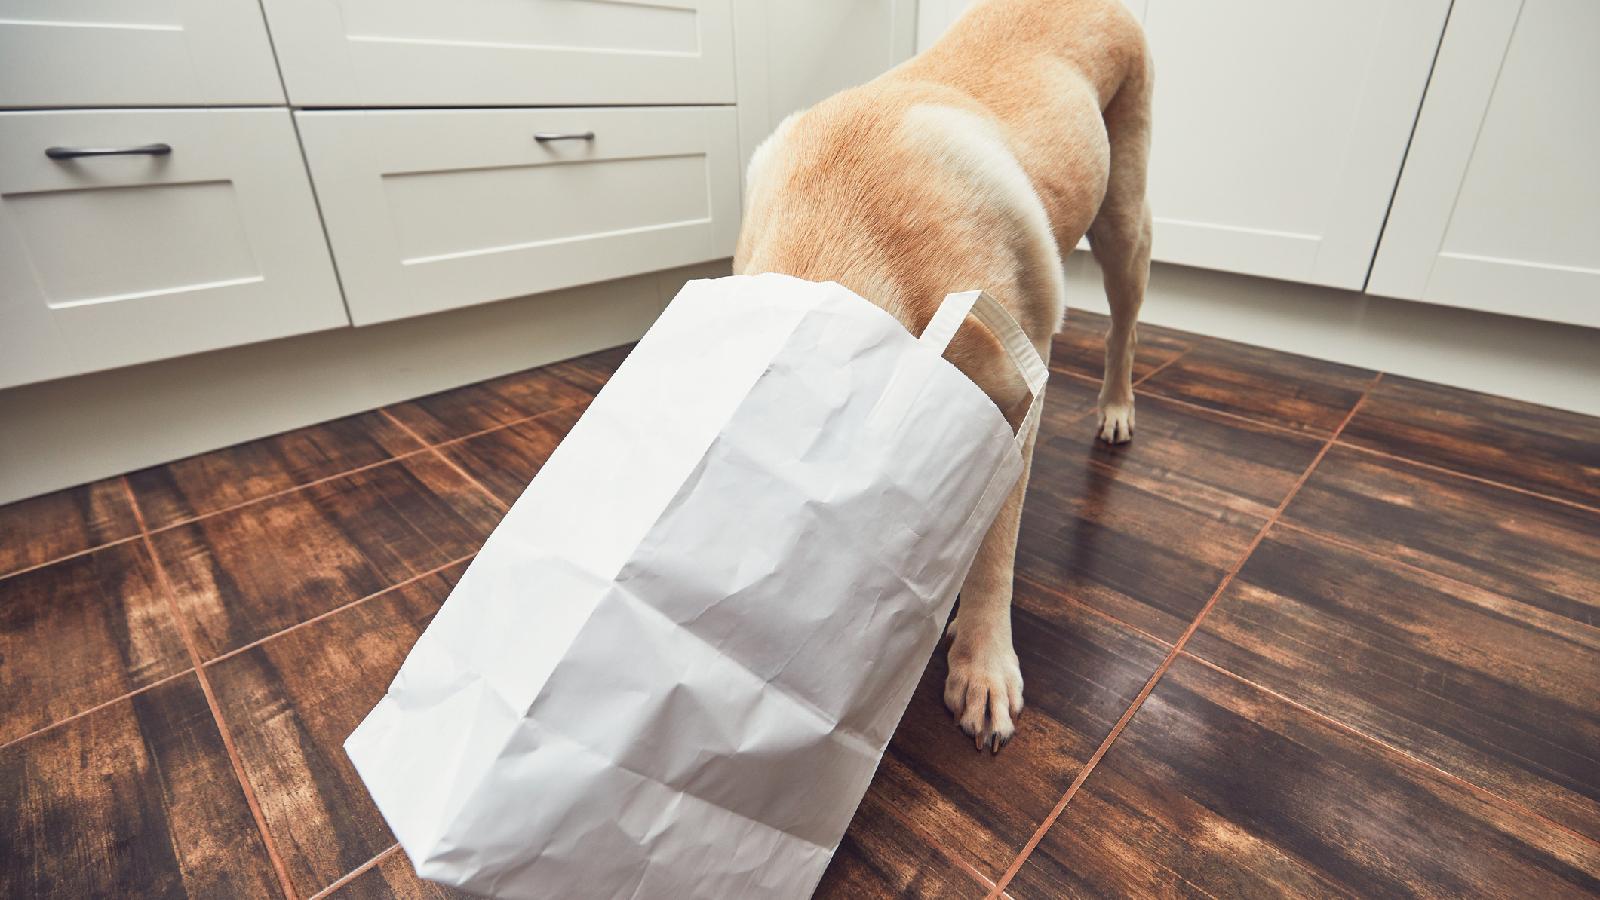 Erstickungsgefahr für Haustier